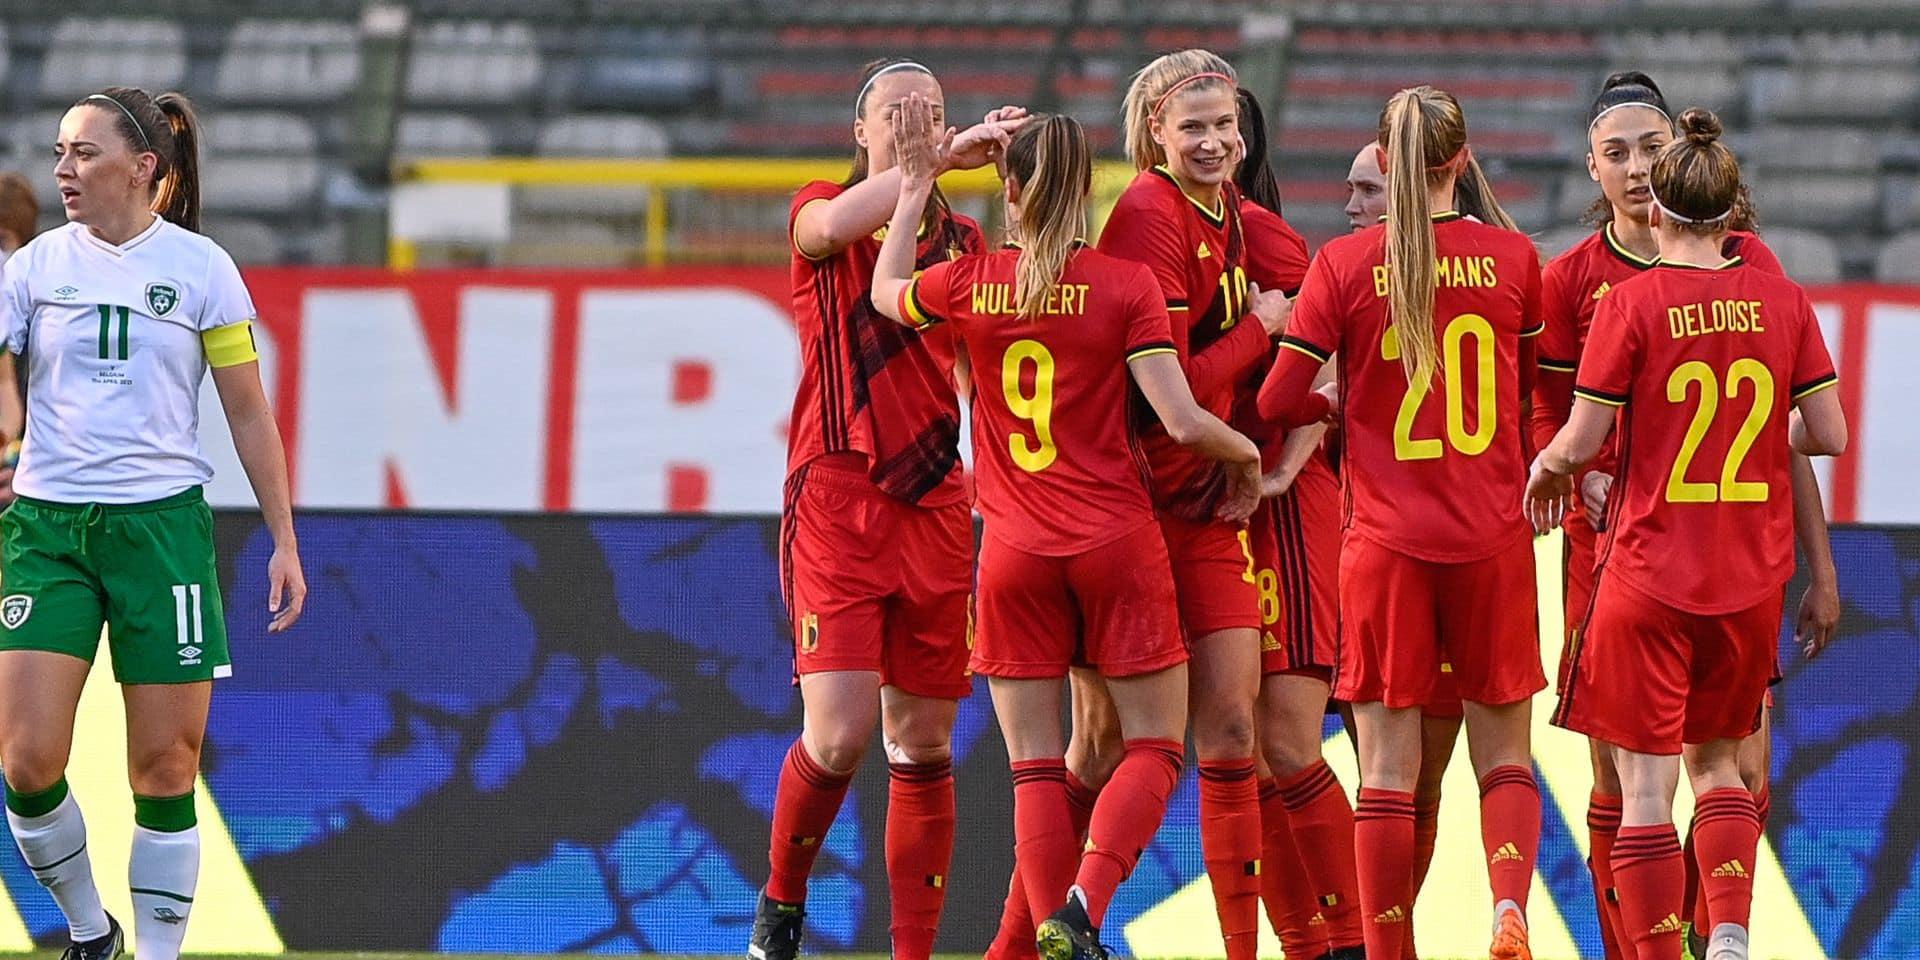 Red Flames: après trois défaites, les Red Flames renouent avec la victoire en battant l'Irlande (1-0)